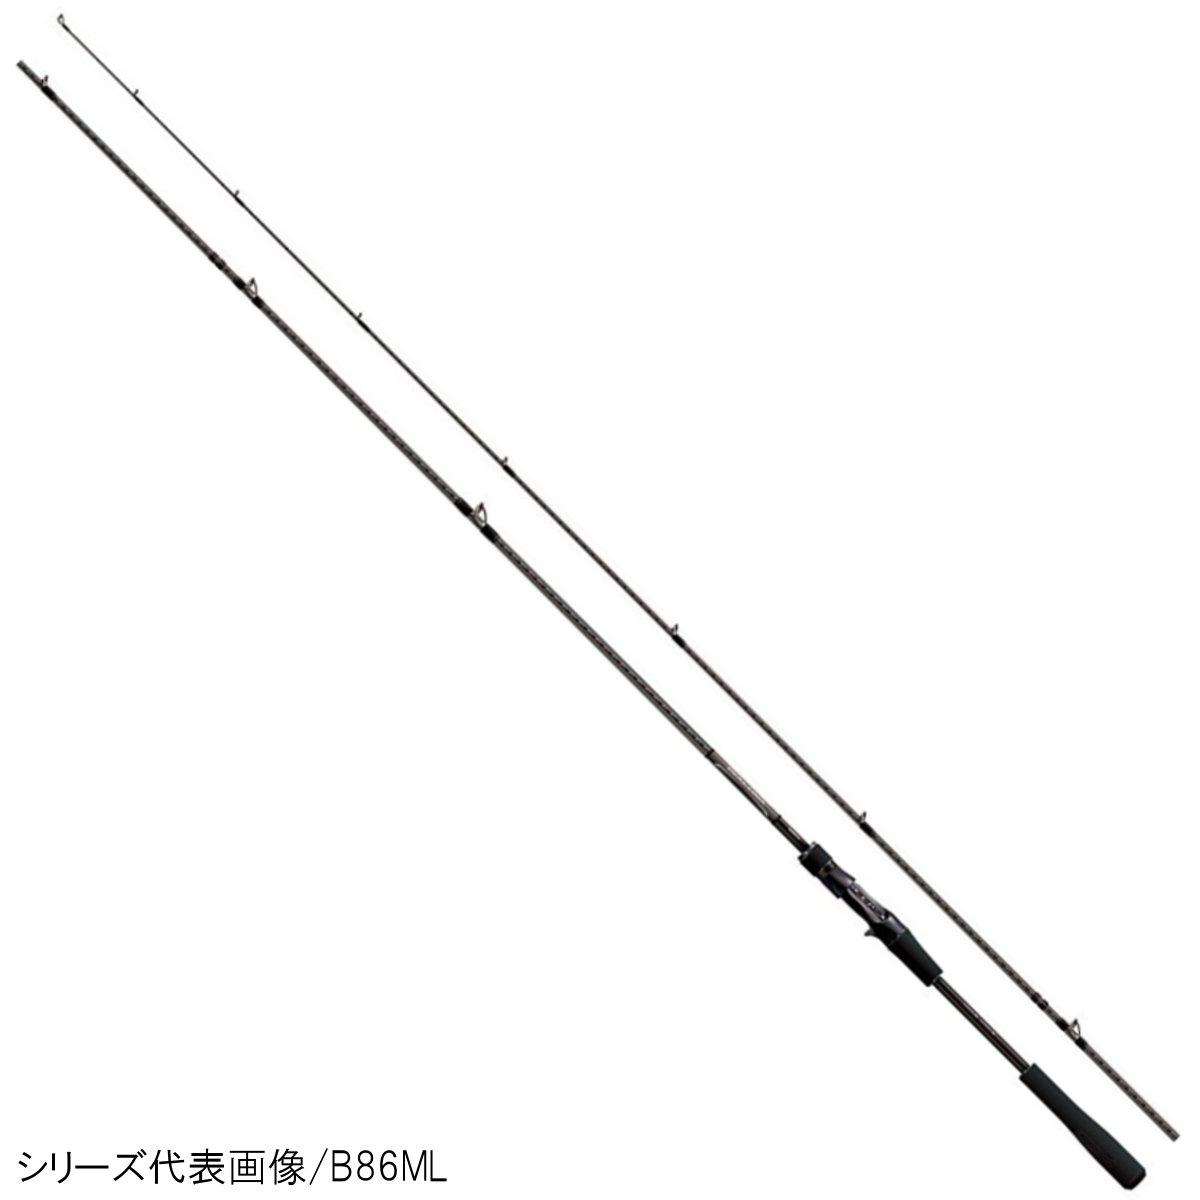 シマノ ディアルーナ (ベイト) B96M(東日本店)